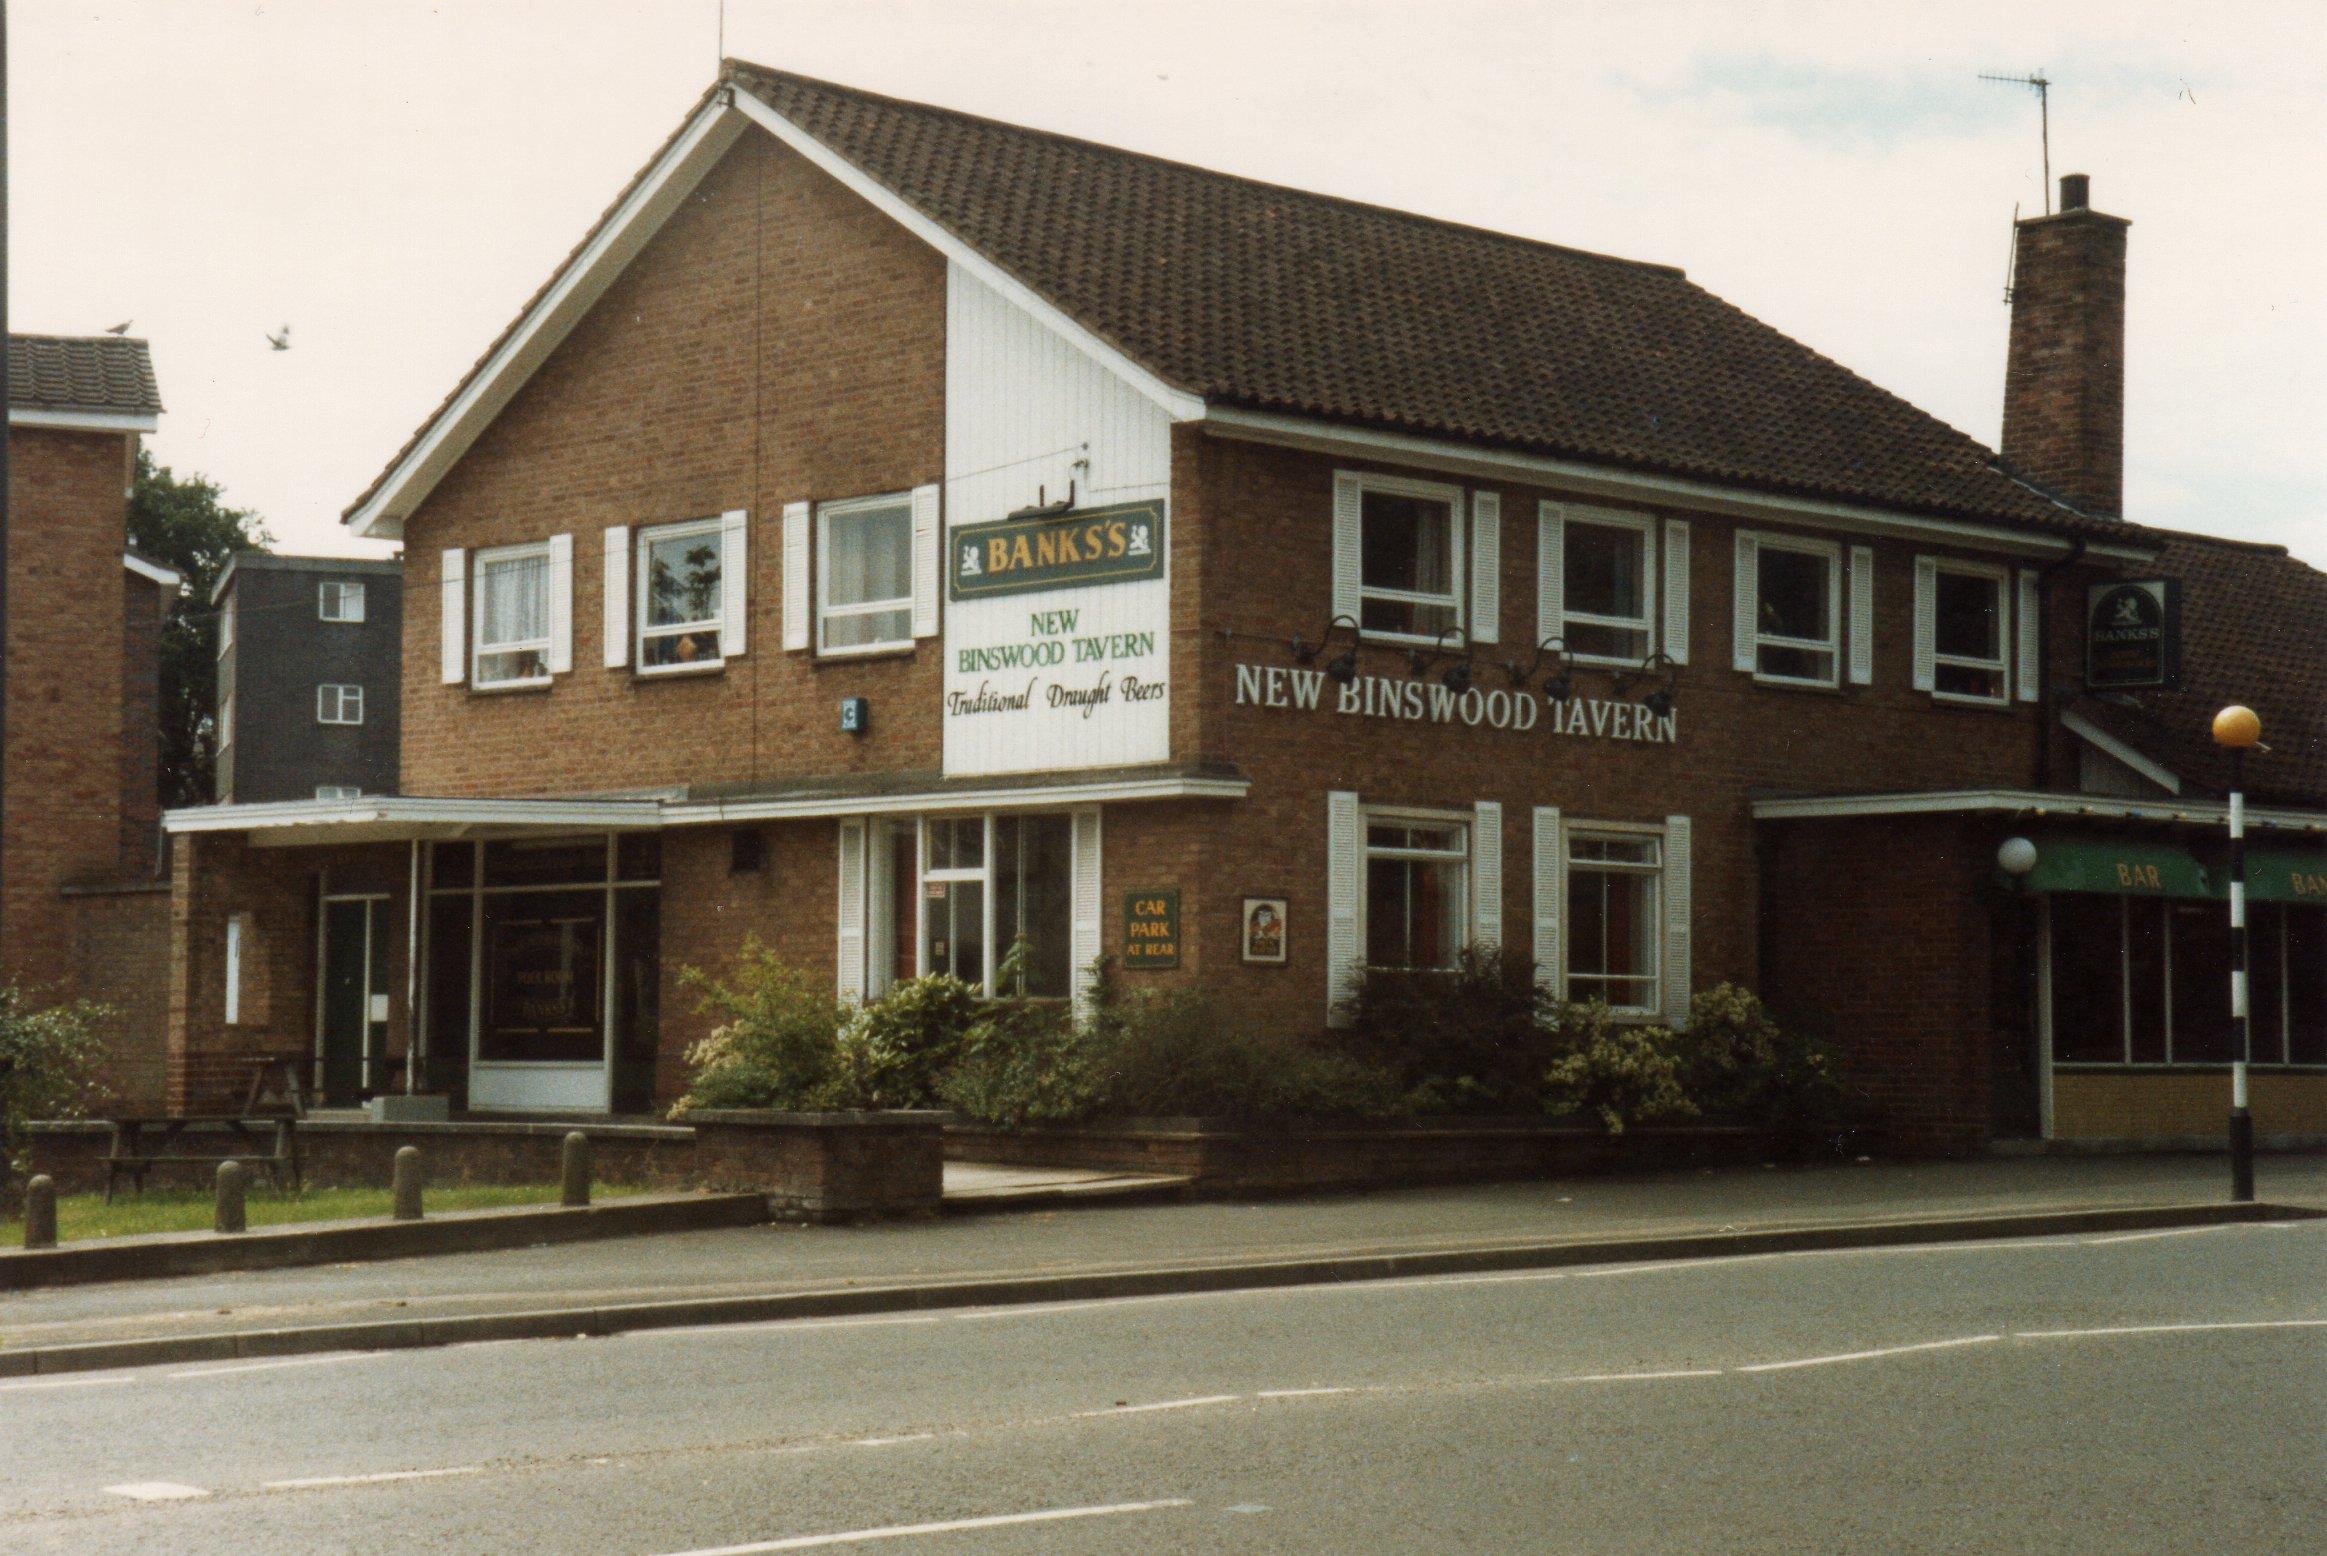 New Binswood Tavern